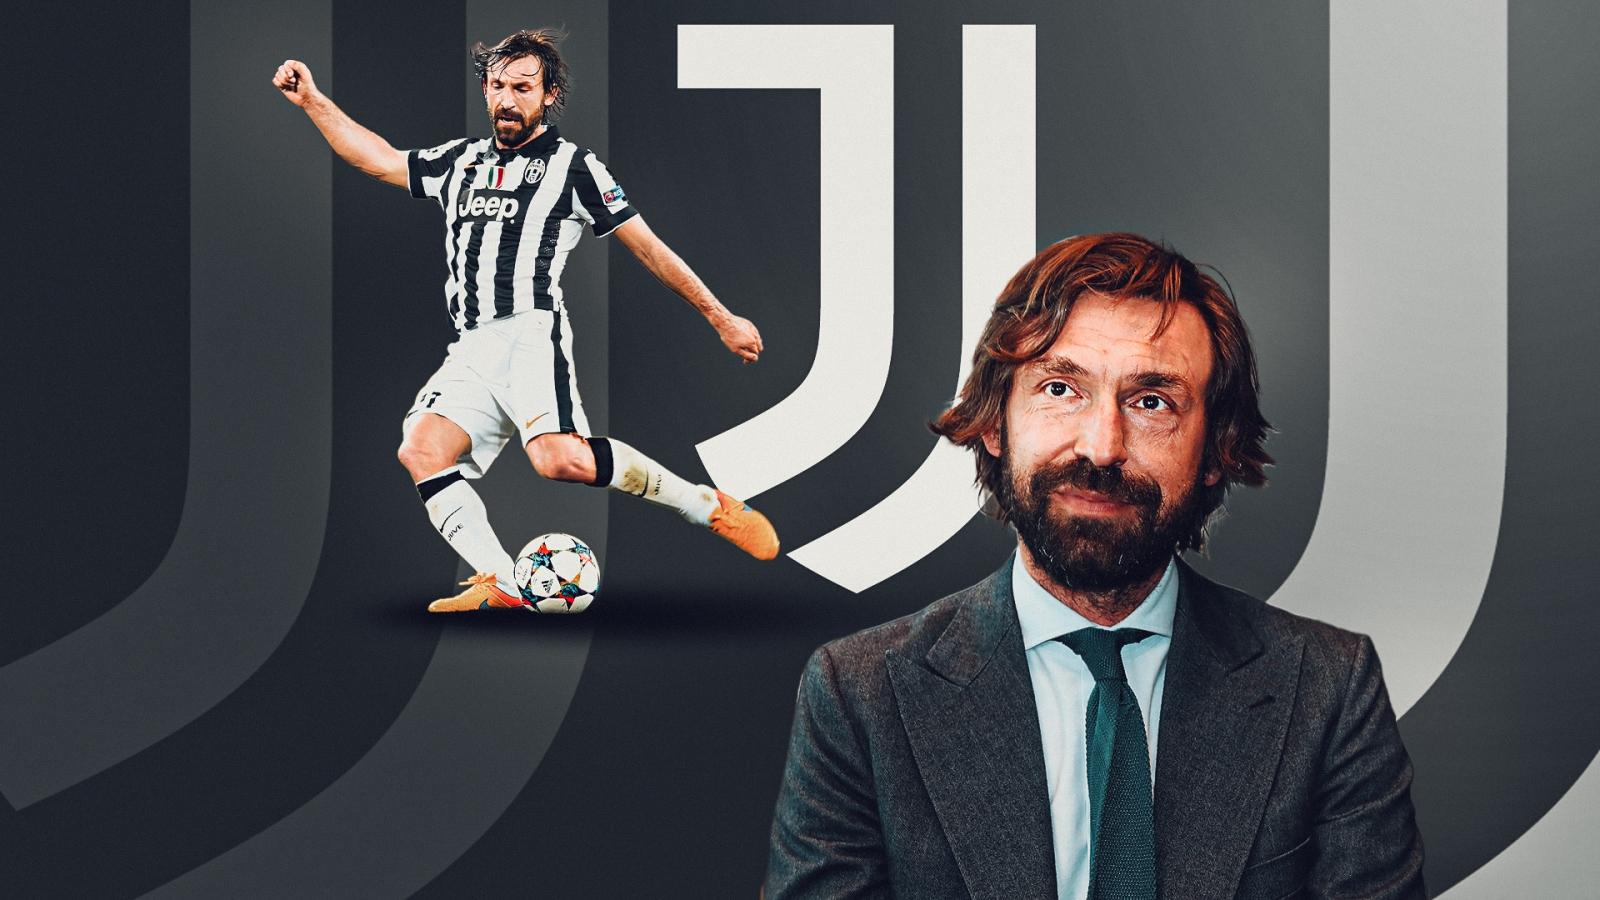 CHÍNH THỨC: Andrea Pirlo trở thành huấn luyện viên của Juventus